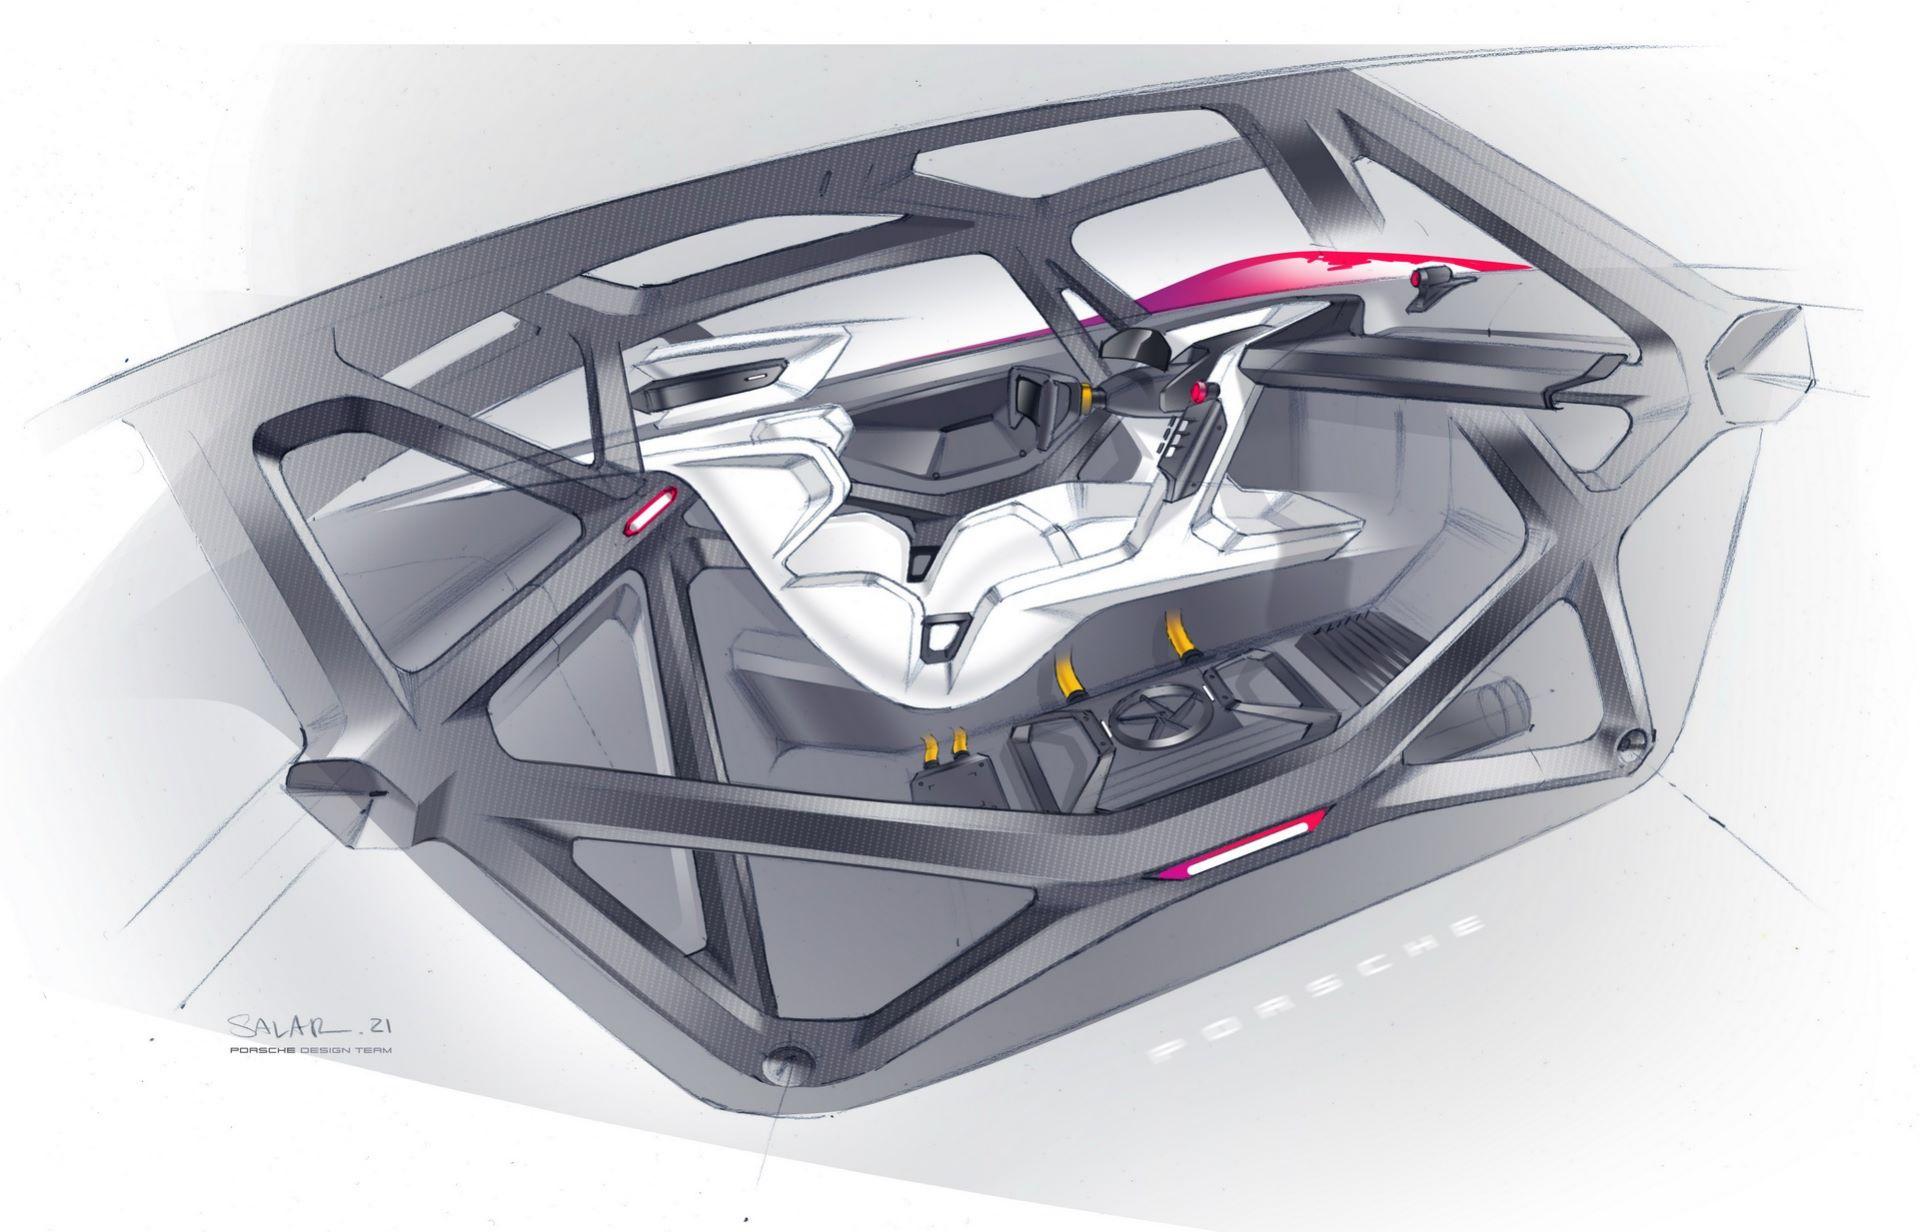 Porsche-Mission-R-concept-71